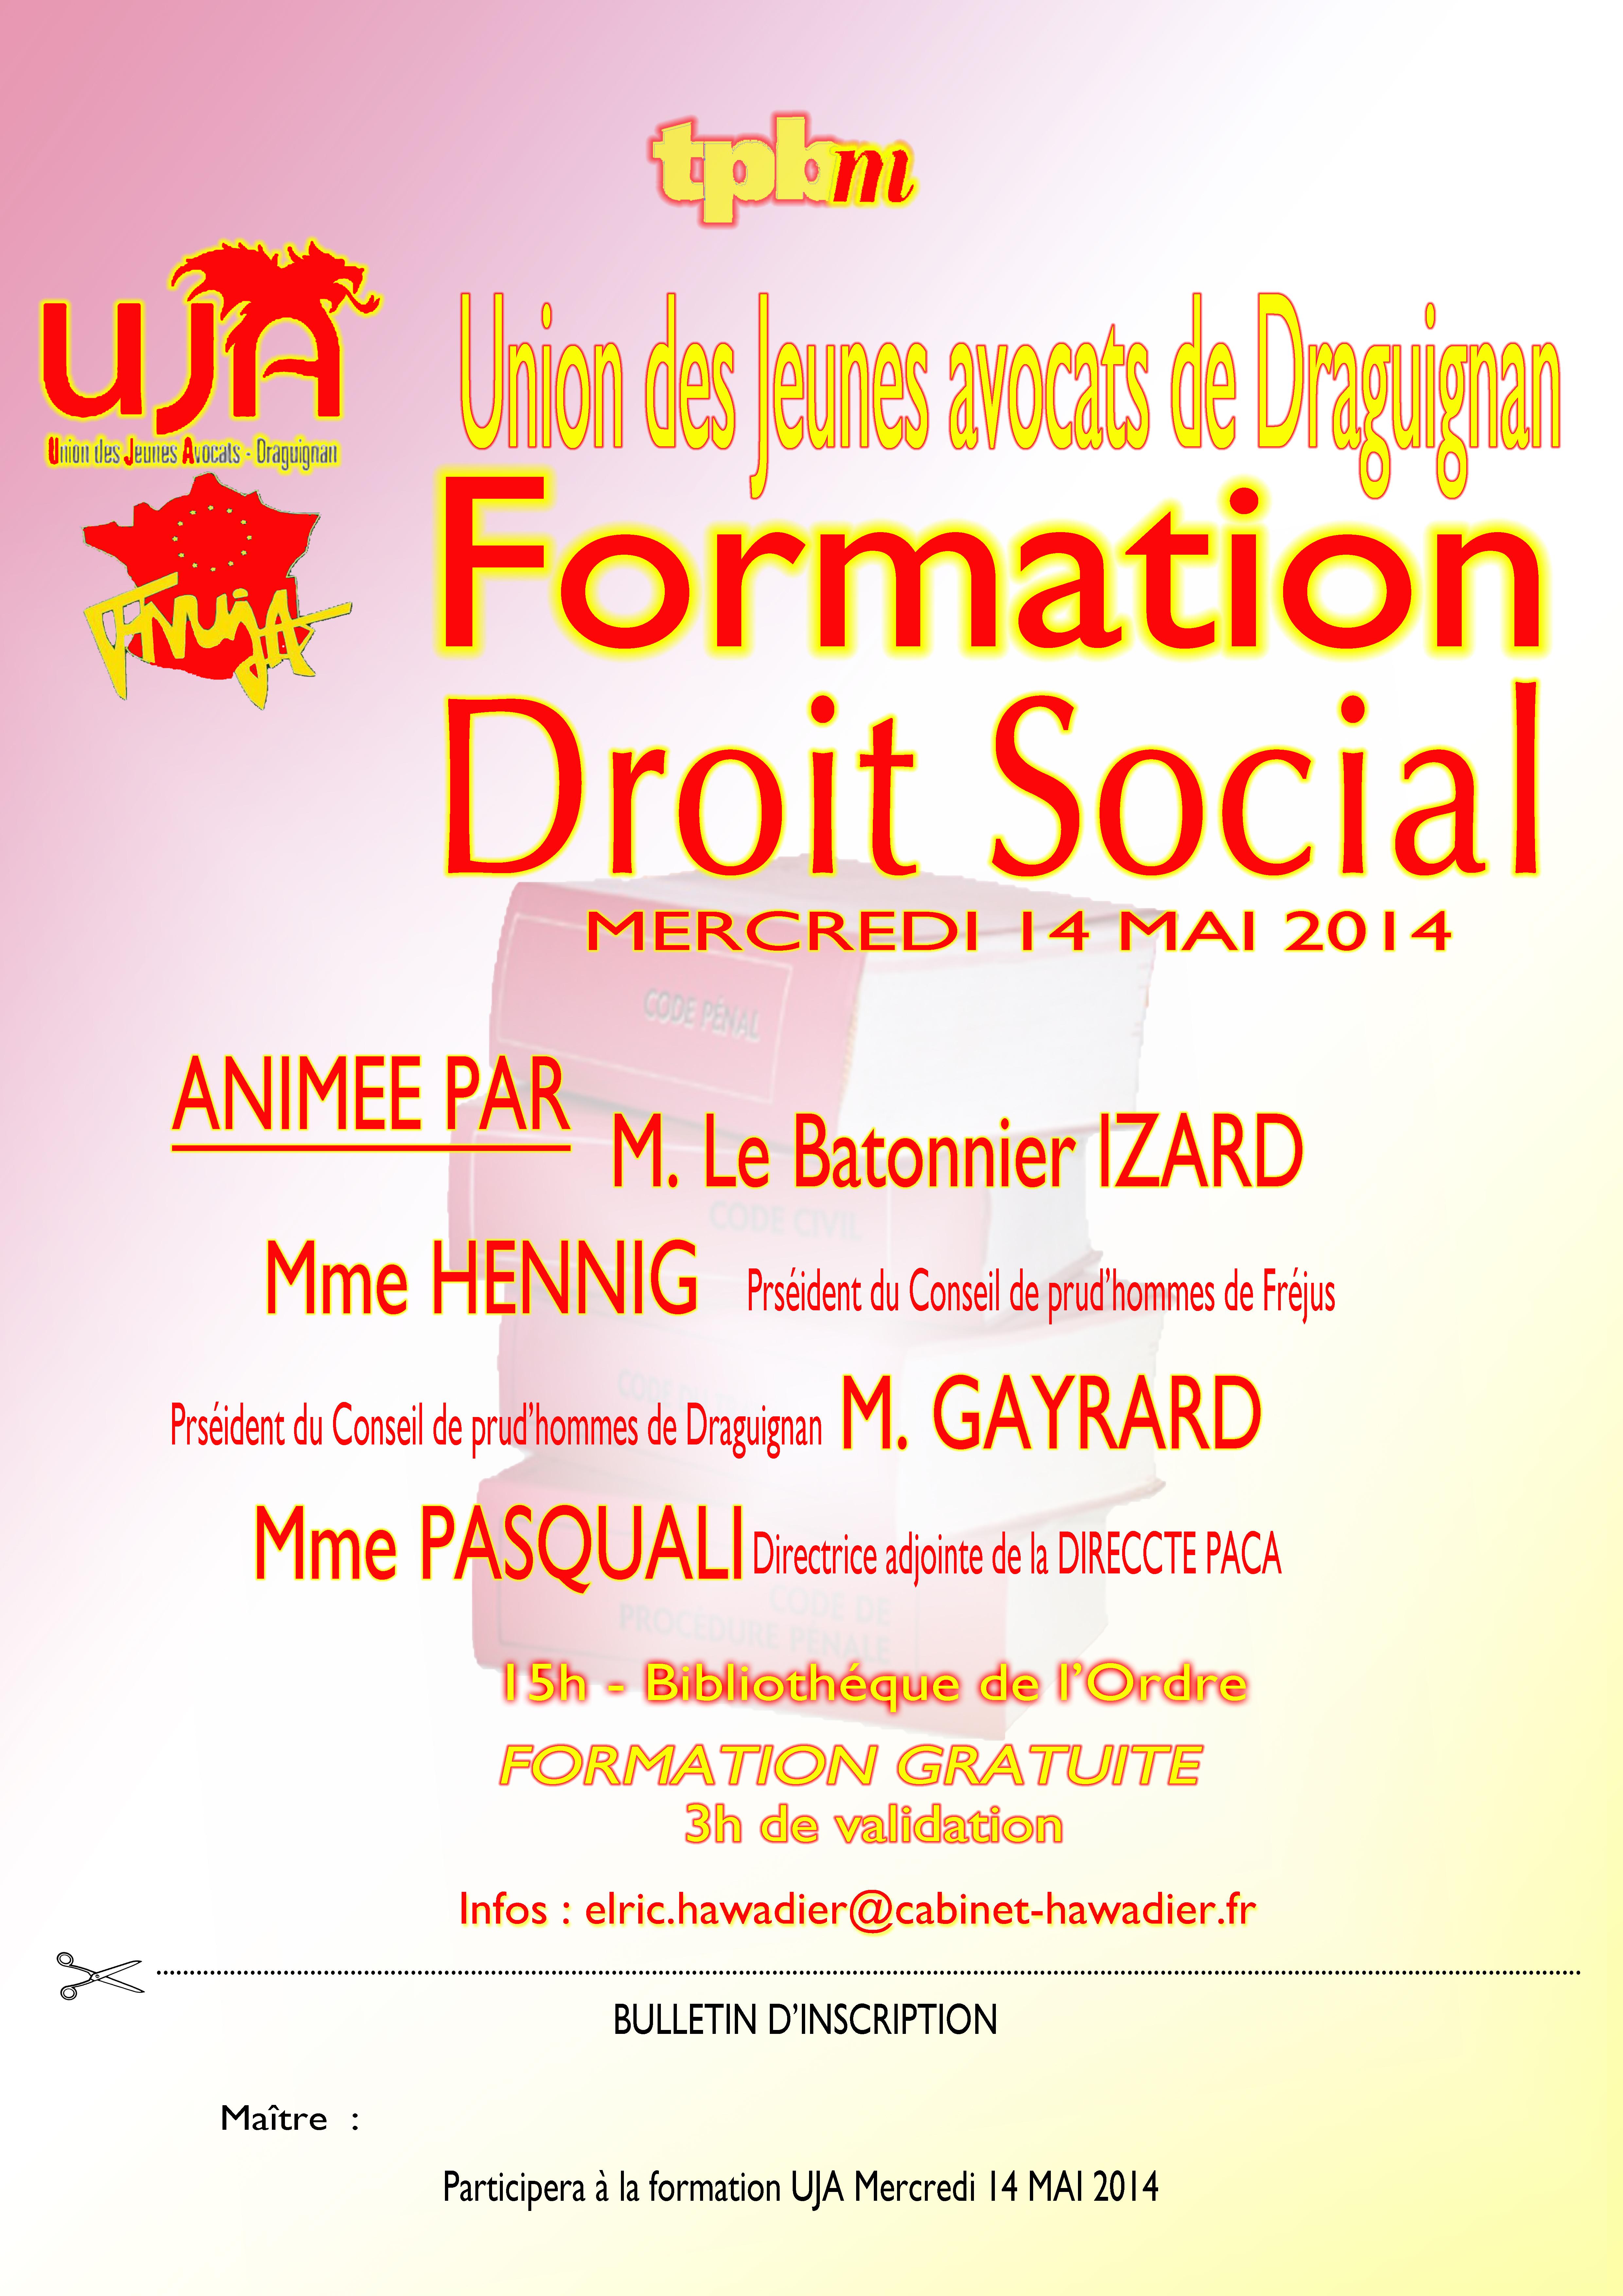 DRAGUIGNAN - Formation : Droit Social